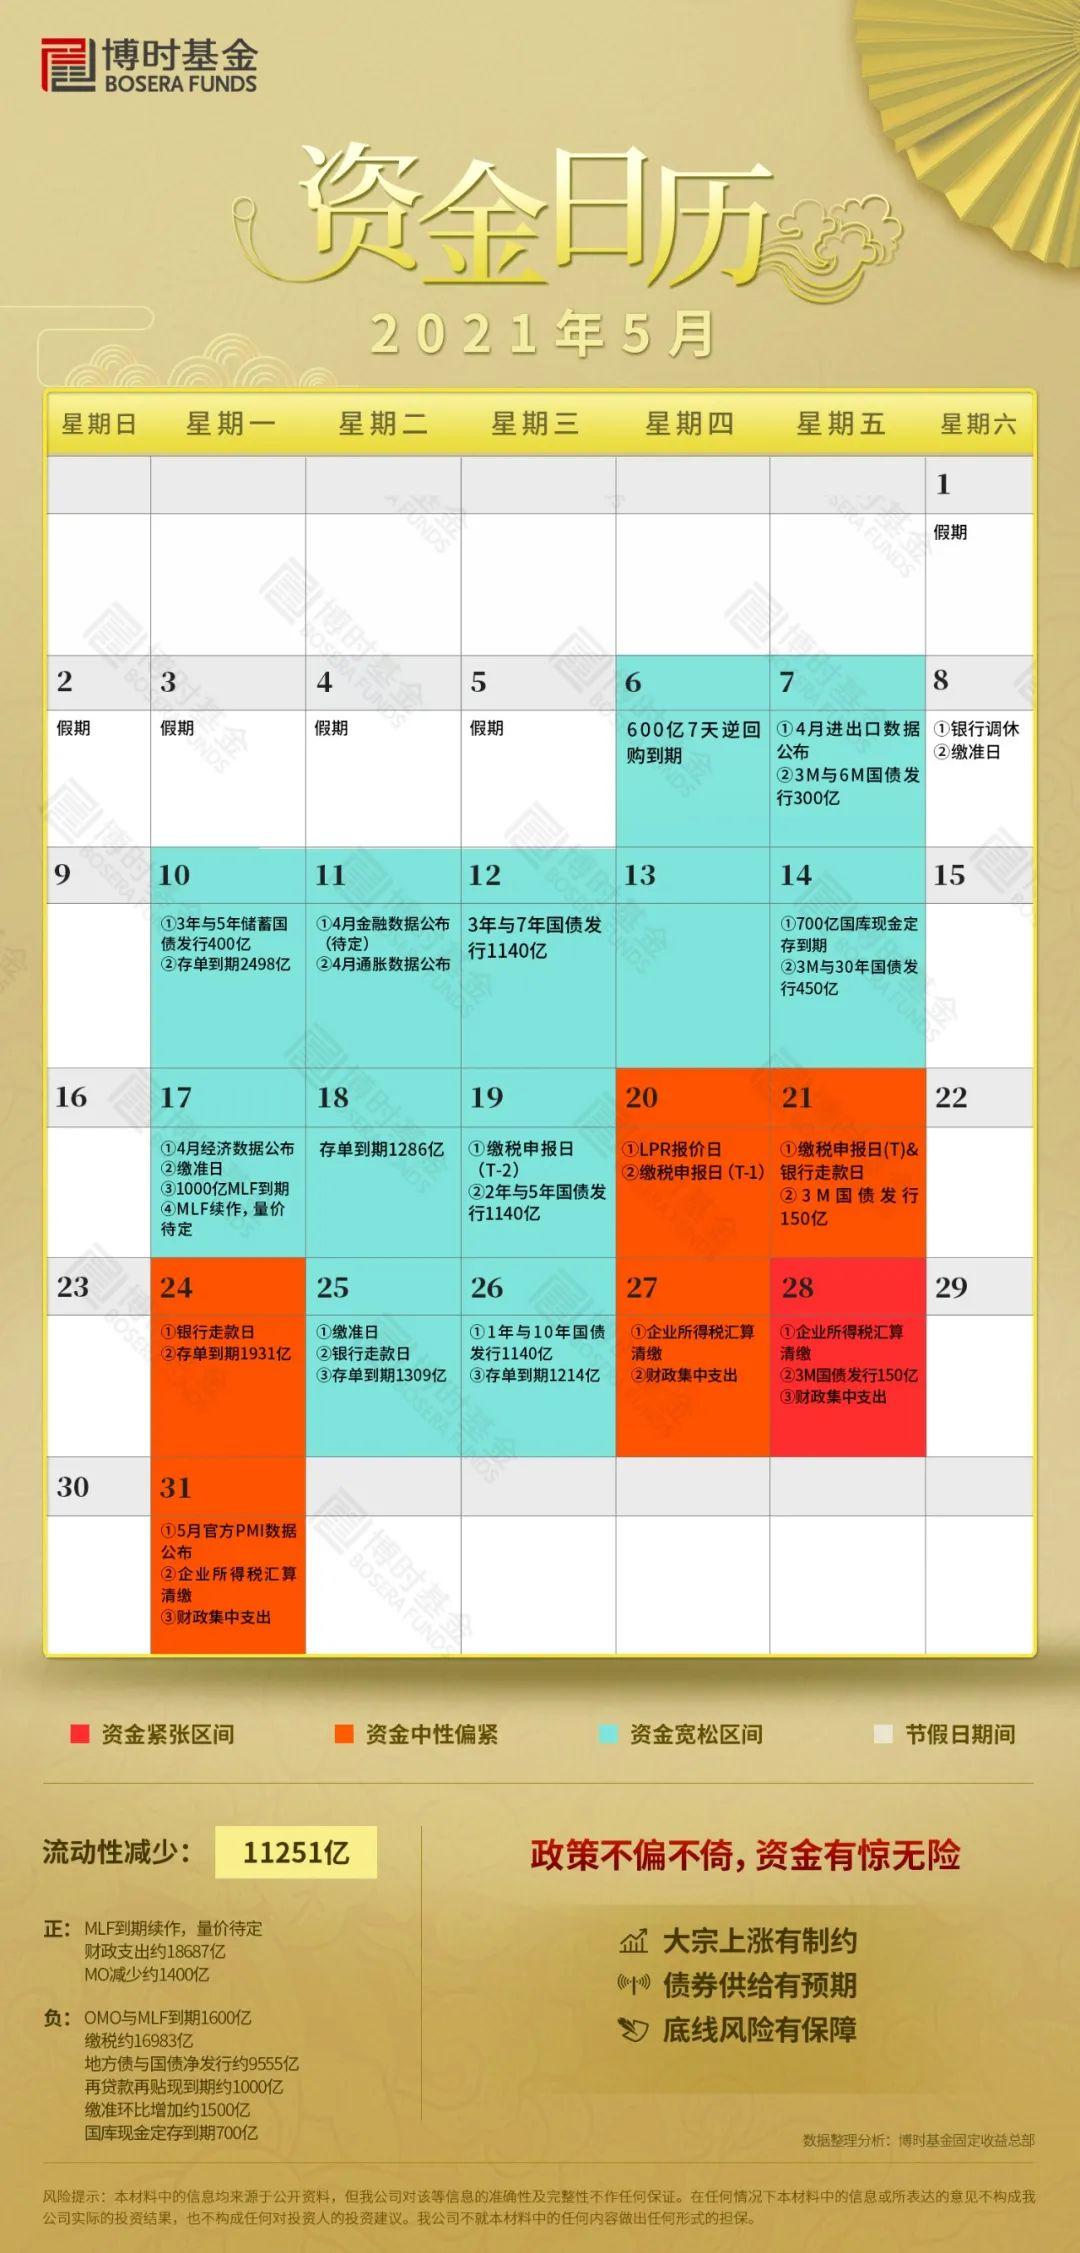 【博时固收】5月资金日历